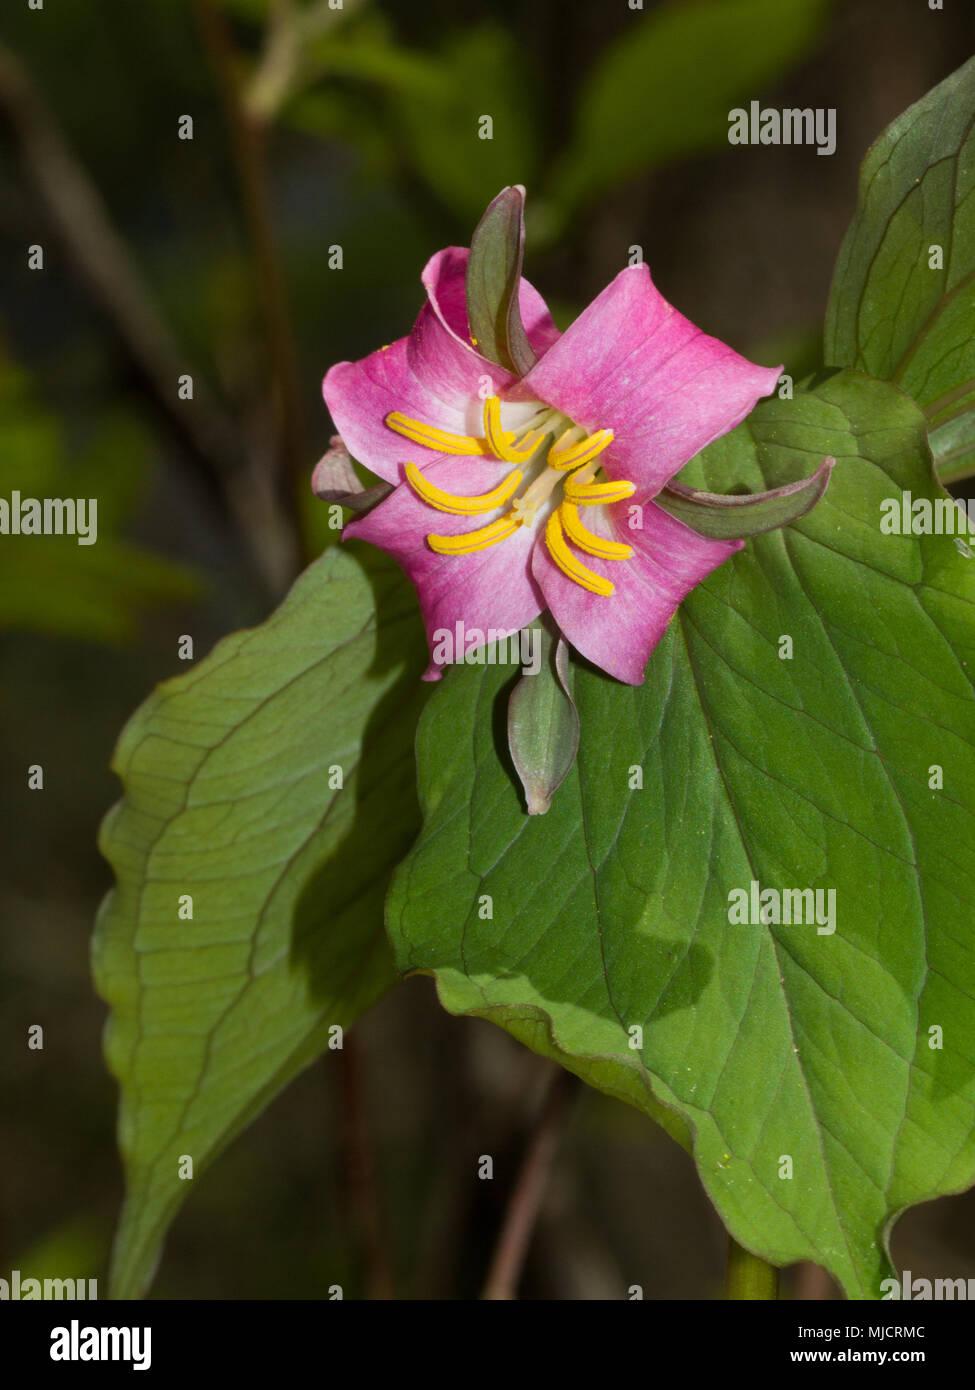 Una de Catesby trillium flor con cuatro pétalos y cuatro sépalos. Imagen De Stock